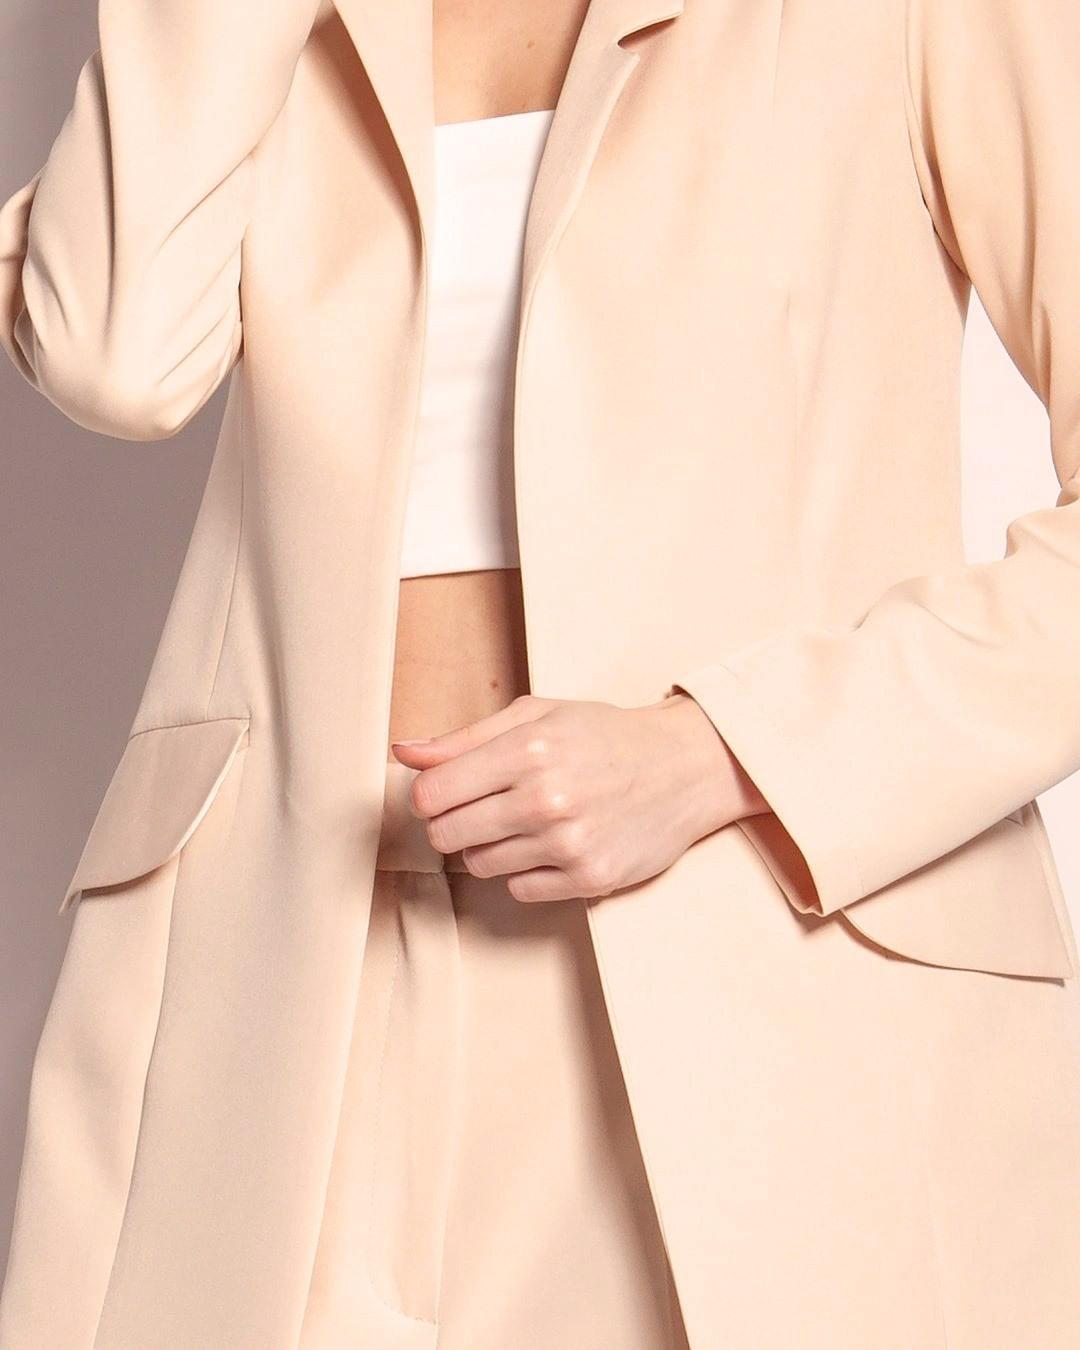 .. jest taki pomysł, zeby ożywić trochę atmosferę przy poniedziałku i klasyczny żakiet połączyć z odsłaniającym brzuch topem. To się może udać 🙃 #żakiet #latowmieście #letniestylizacje #latowbiurze #fashion #spodnie #summerinthecity #fashionista #musthave #jacket #lato #polskamarkapremium #zakupy #casual #summer #ootdfashion #butikonline #dostawa #stylizacje #totallook #styl #poland #polska #najlepszajakosc #polskamarka #lookbook #moda #fashionblogger #lovestyle #photography 1906